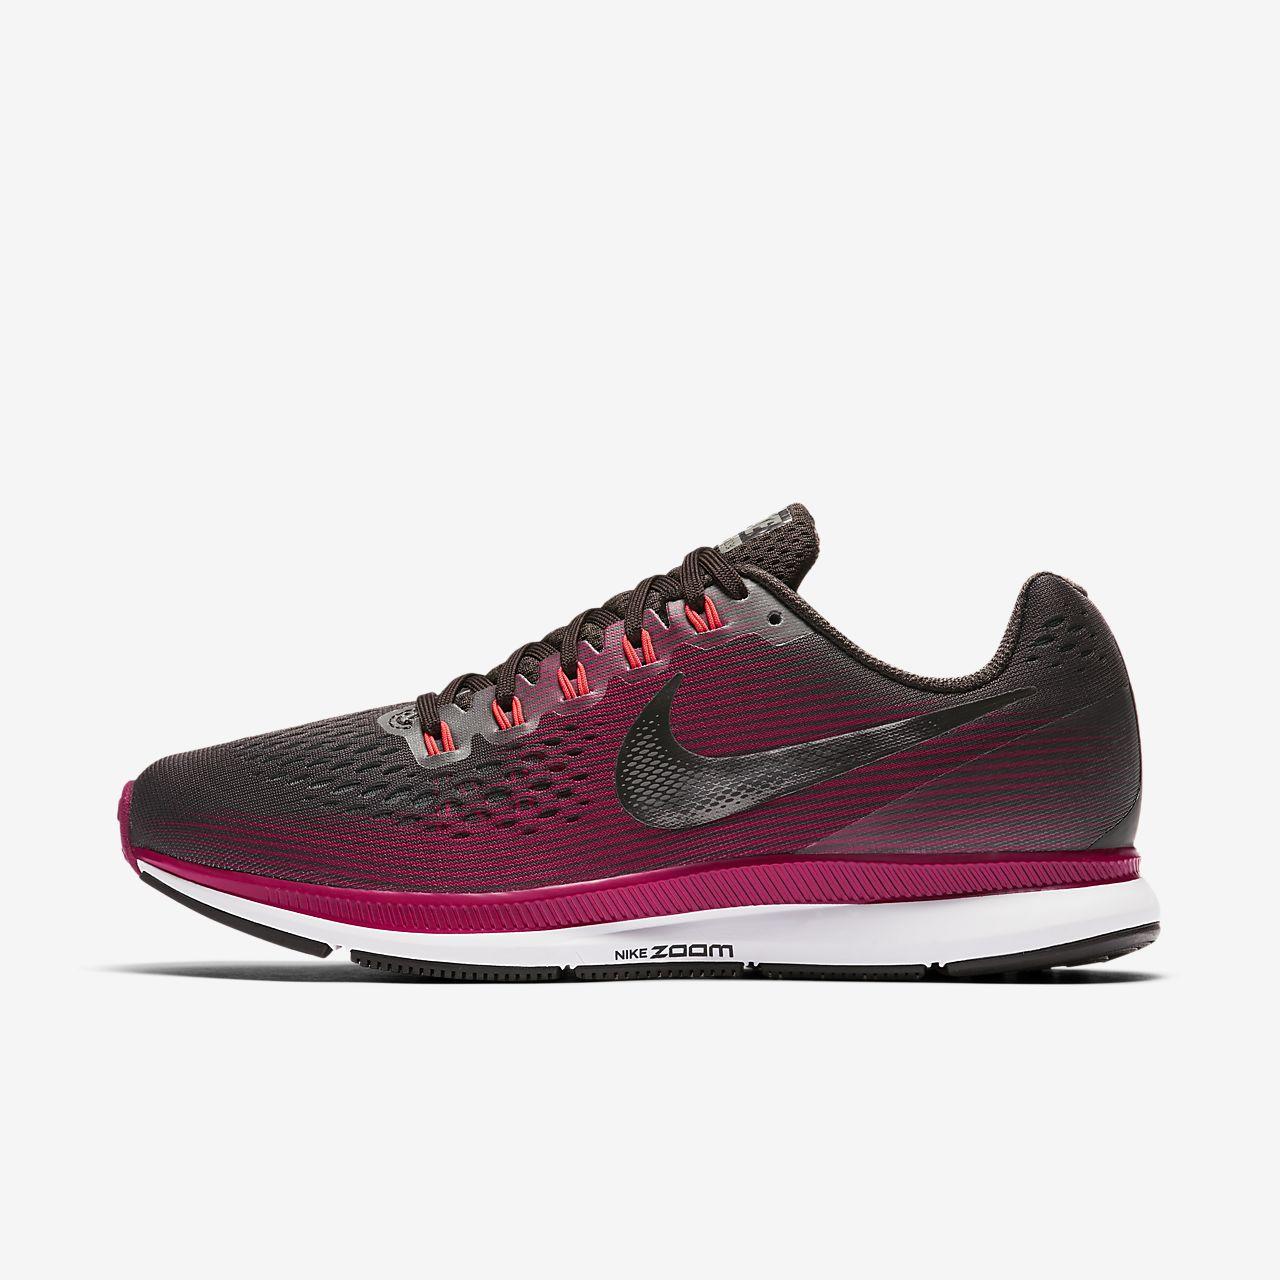 100% autentico Nike Zoom Crítica Air Pegasus Para Mujer Del Sueño Equipo comprar barato barato LutowC